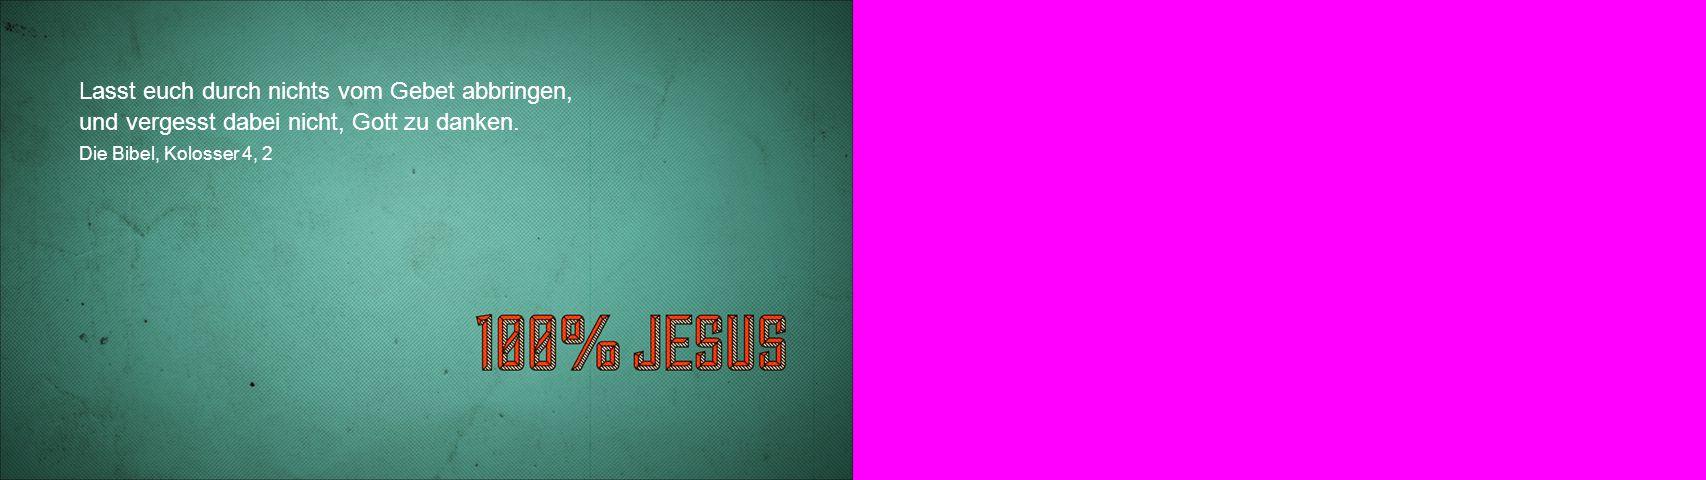 Lasst euch durch nichts vom Gebet abbringen, und vergesst dabei nicht, Gott zu danken. Die Bibel, Kolosser 4, 2